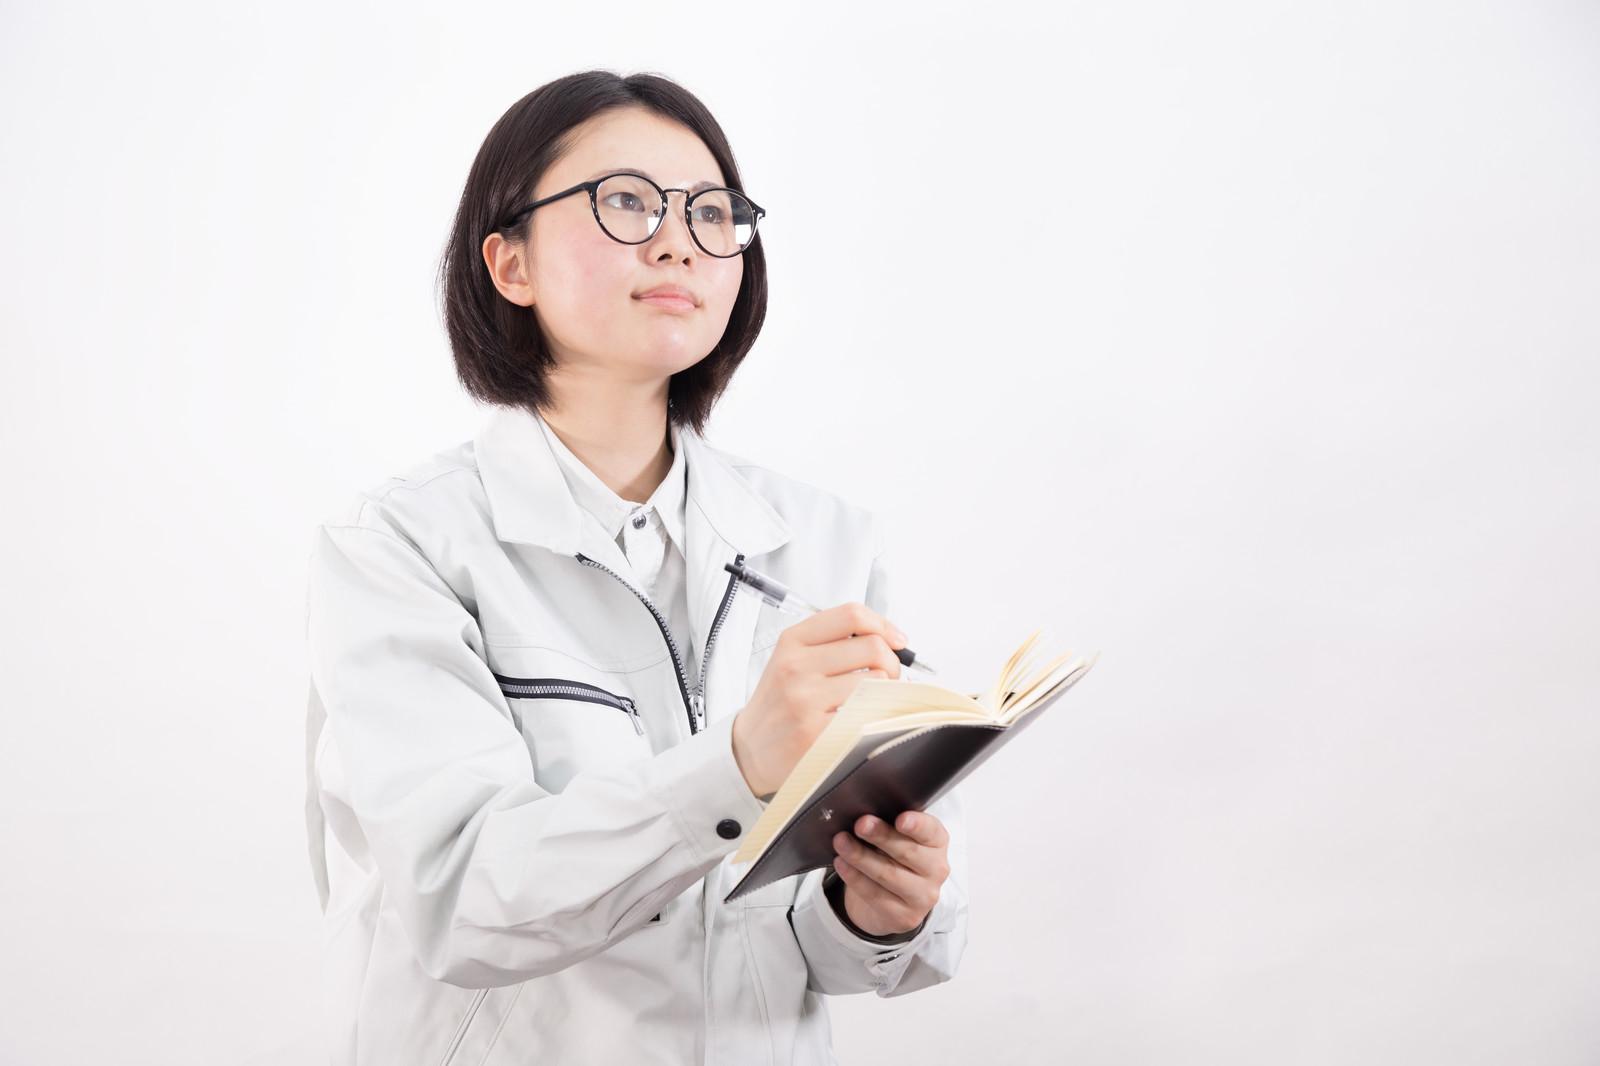 高學歷非就業保障 公職成熱門首選